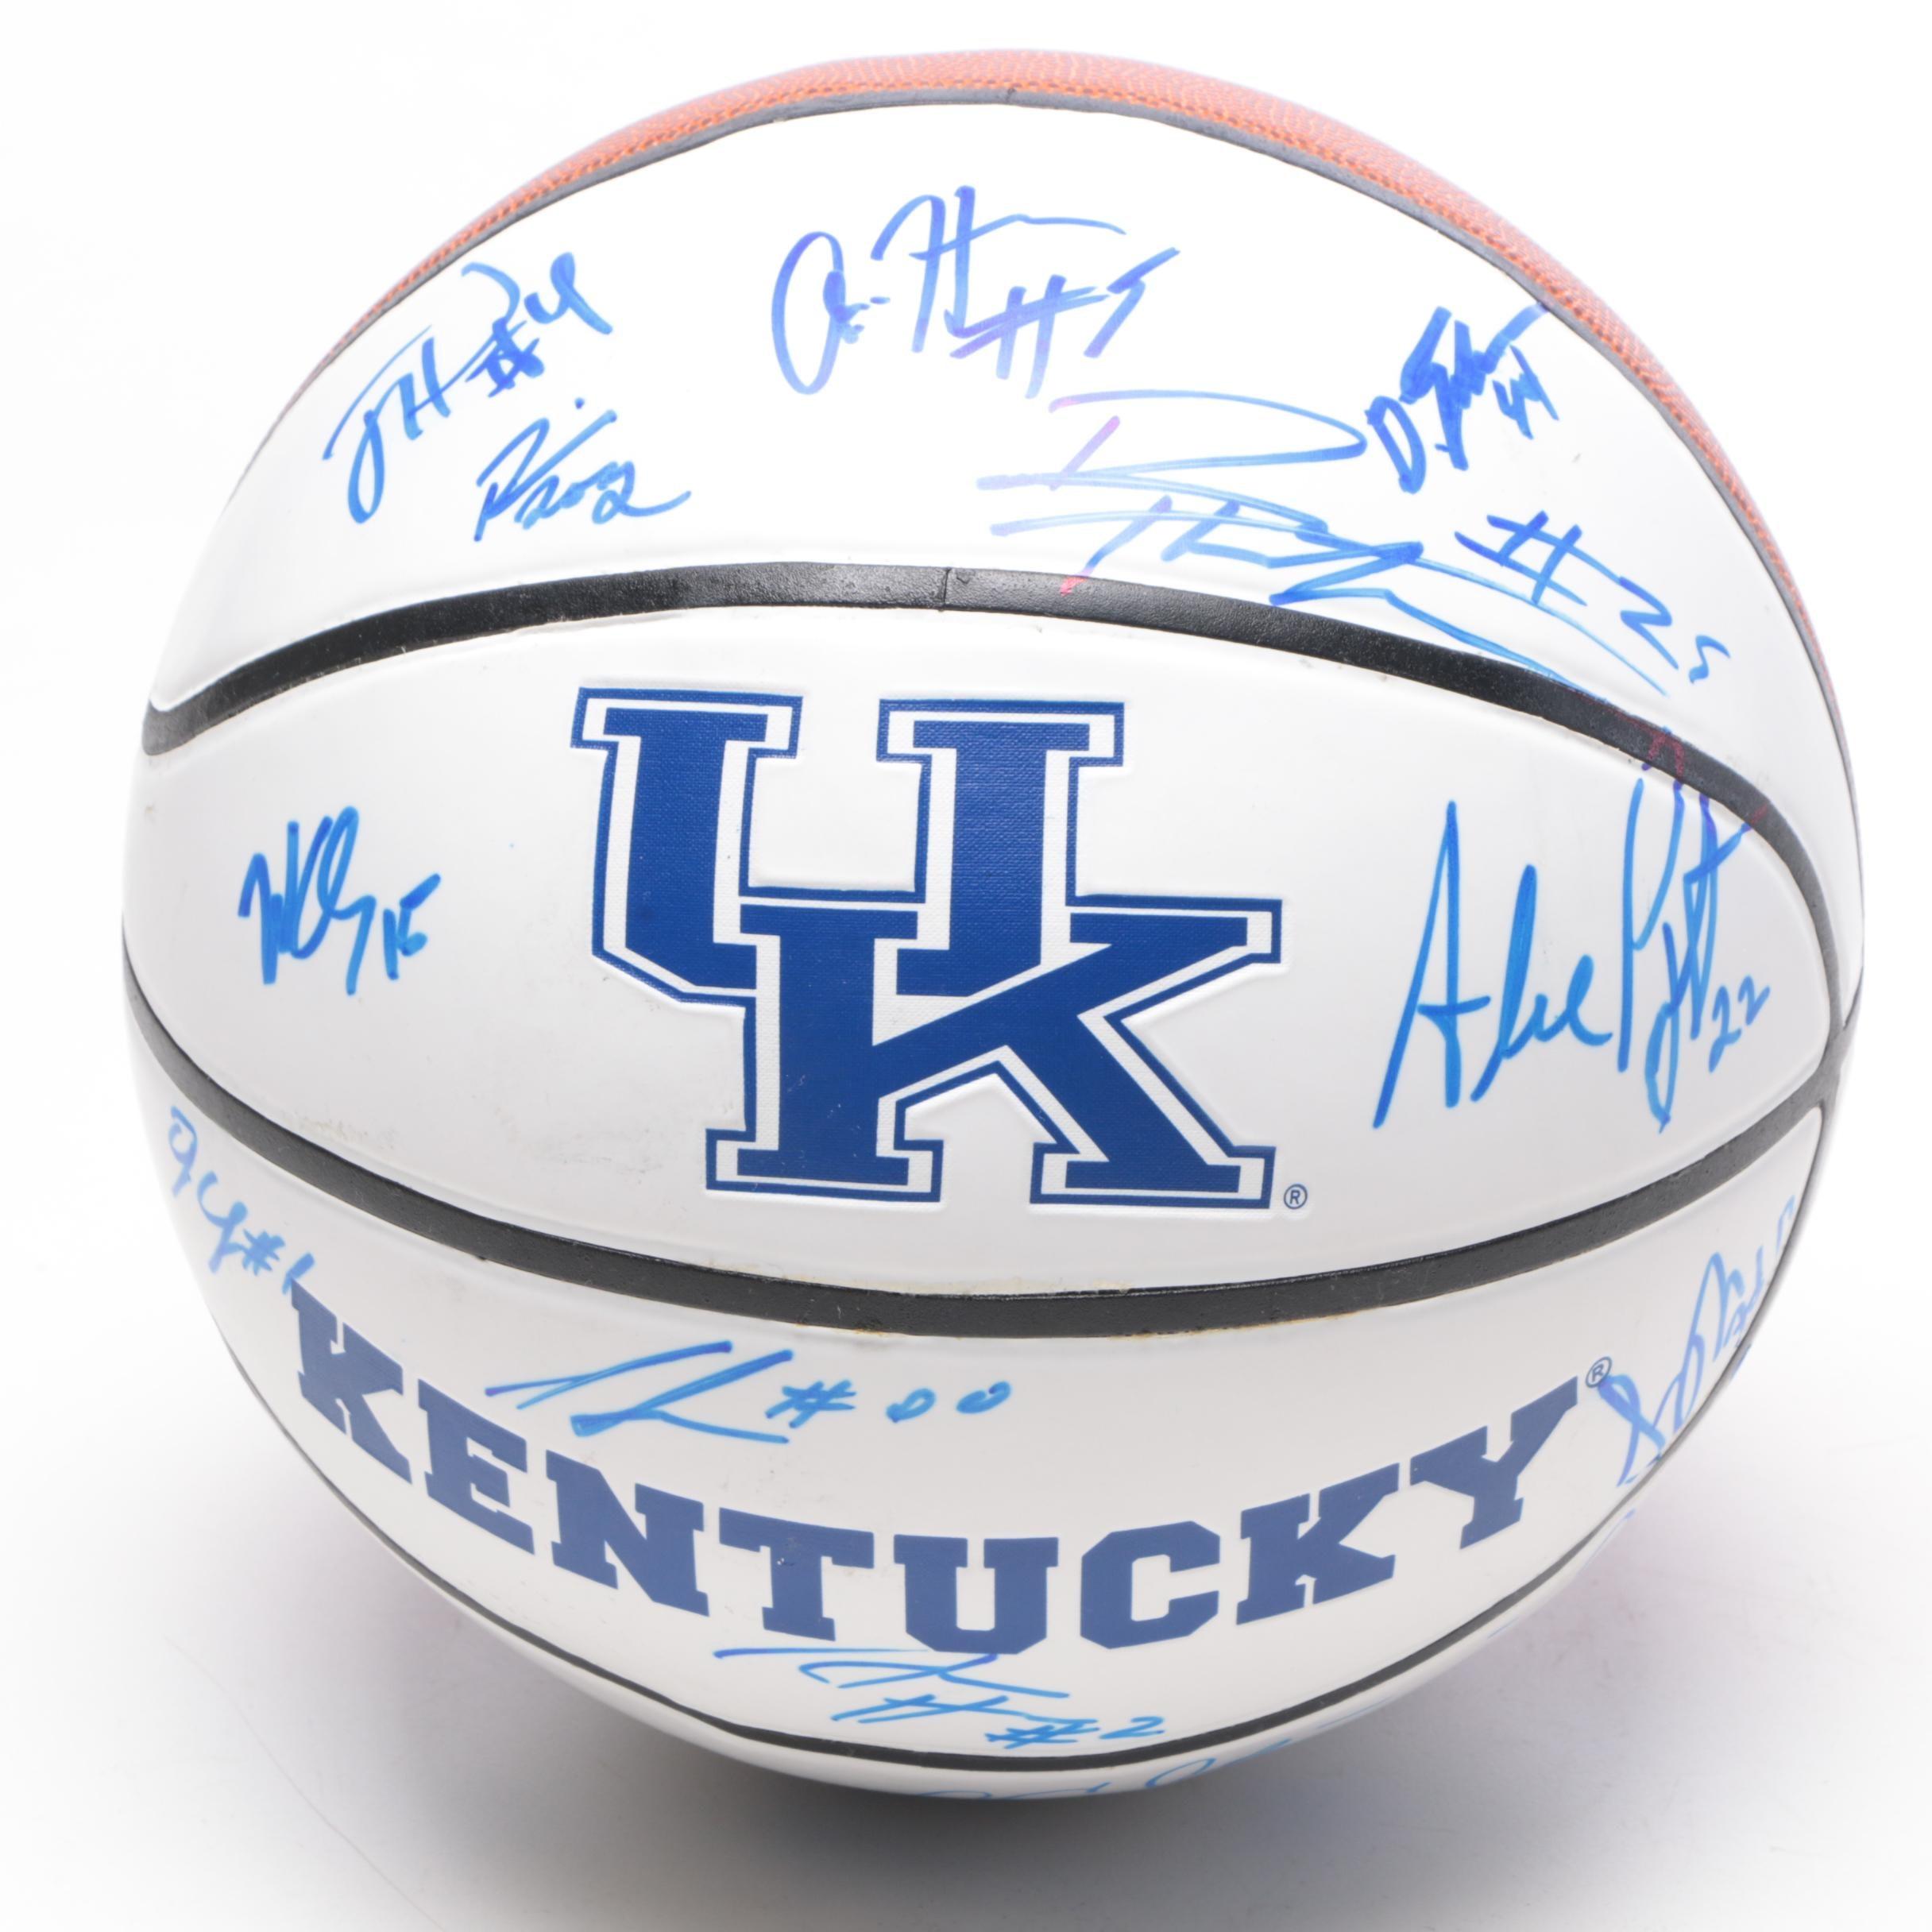 2013-14 Kentucky Wildcats Signed Basketball